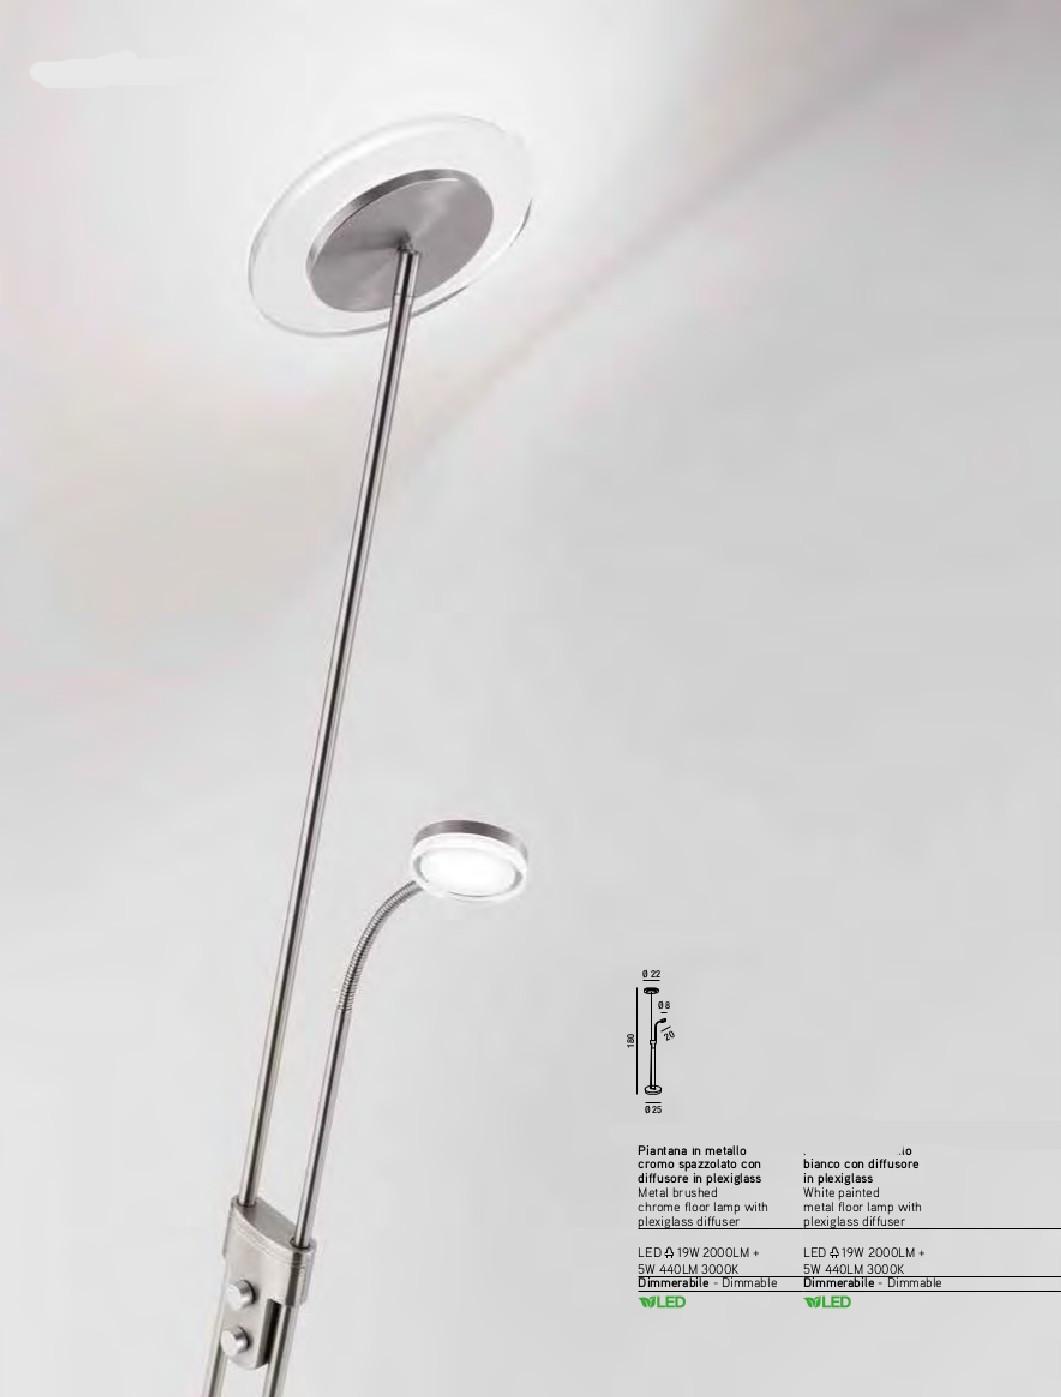 ALPHA - Piantana Snodabile a Led Integrato - Luce Superiore 19W 2000 lumen - Luce Braccio 5W 440 lumen